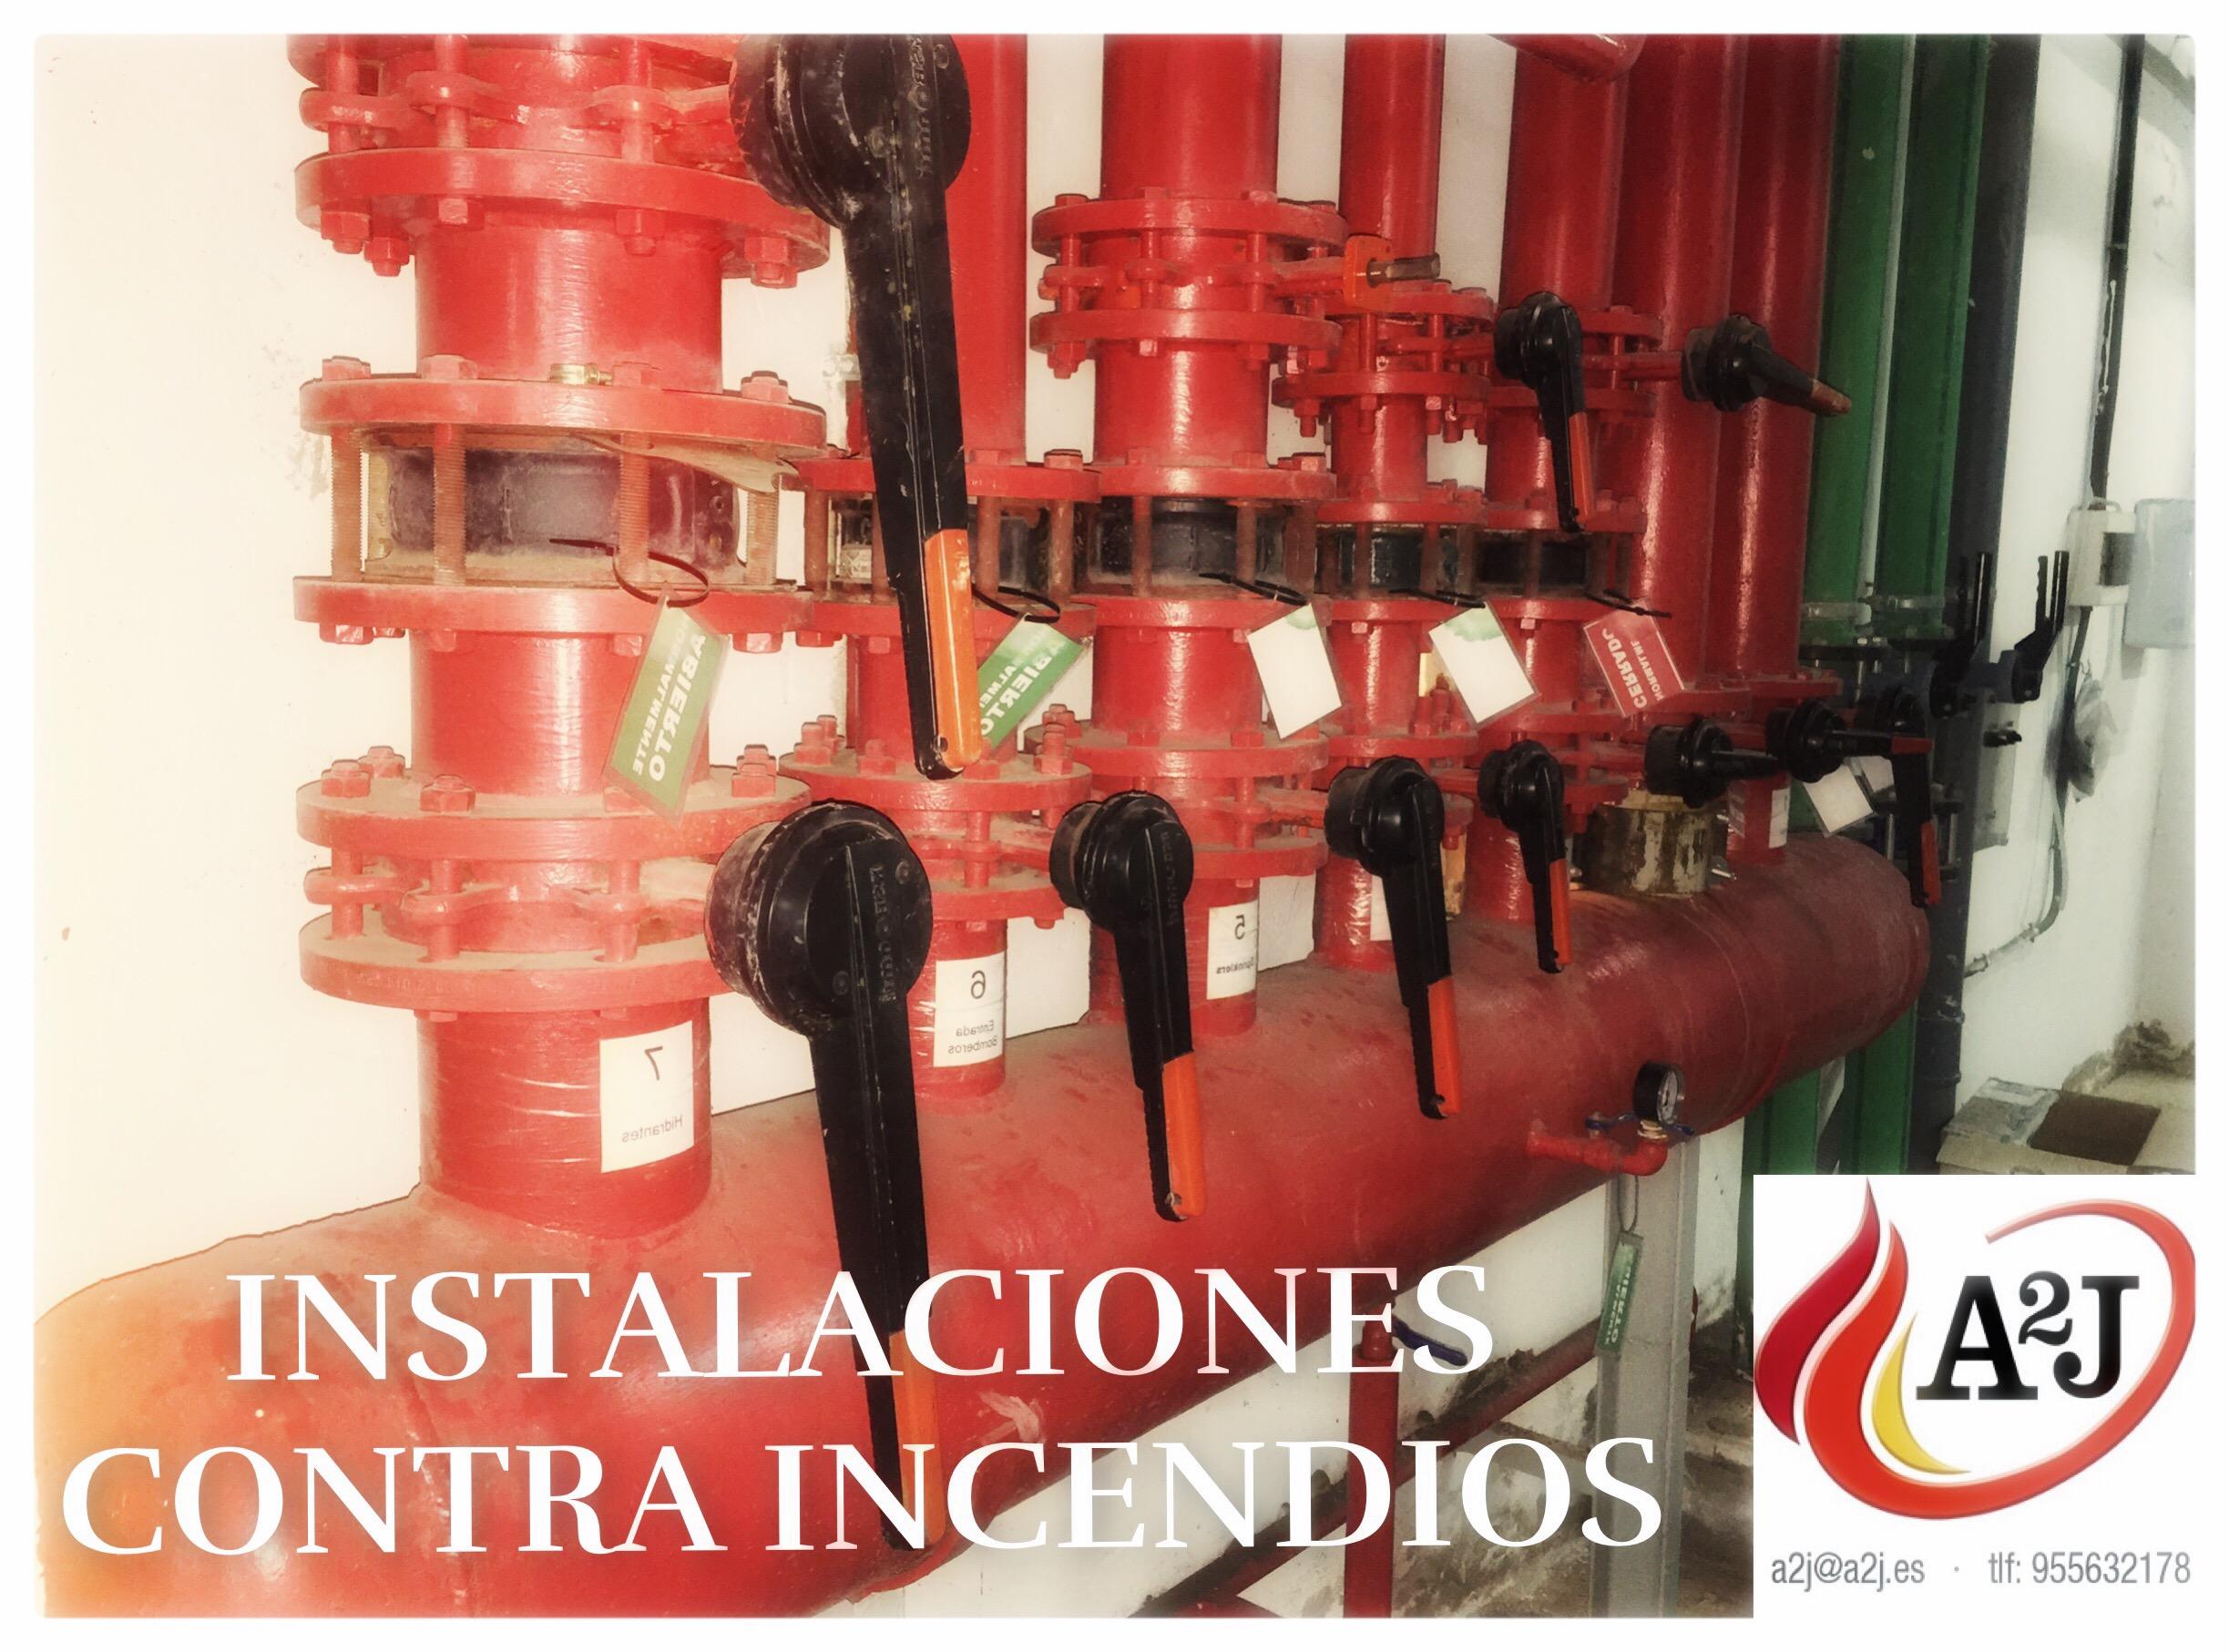 instalaciones contra incendios  en Sevilla